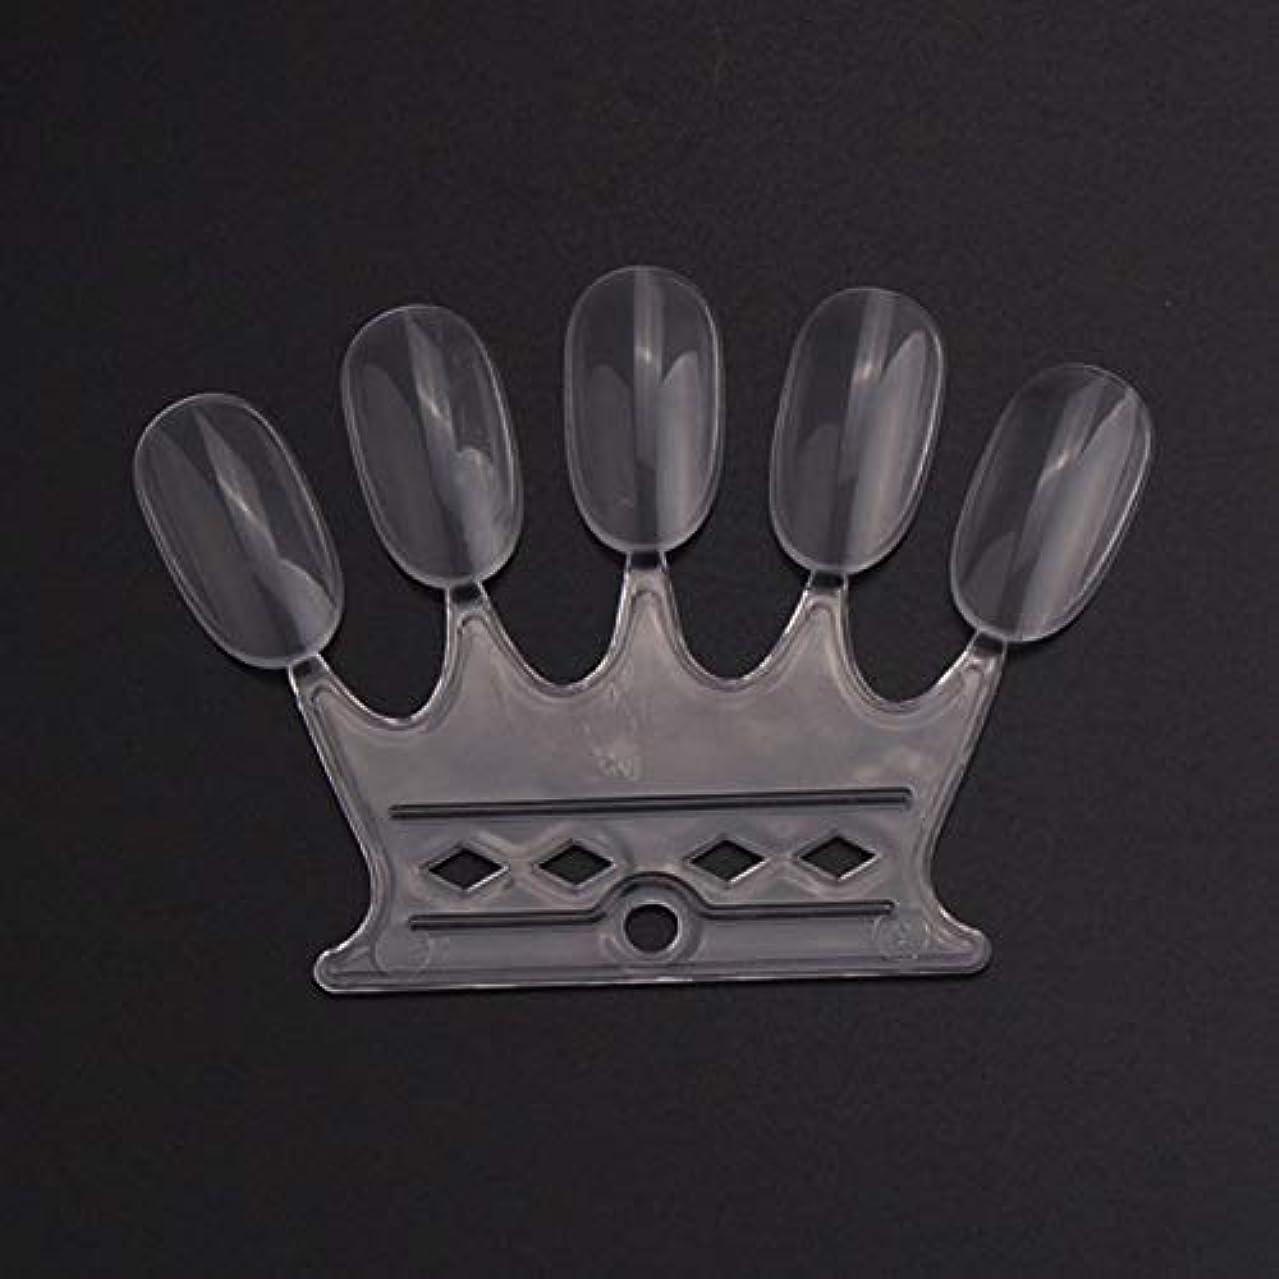 デッド正午領事館OU-Kunmlef 満足している10 pcsセット偽の爪のヒントカラーカードのネイルアートの練習表示ツール(None 10)